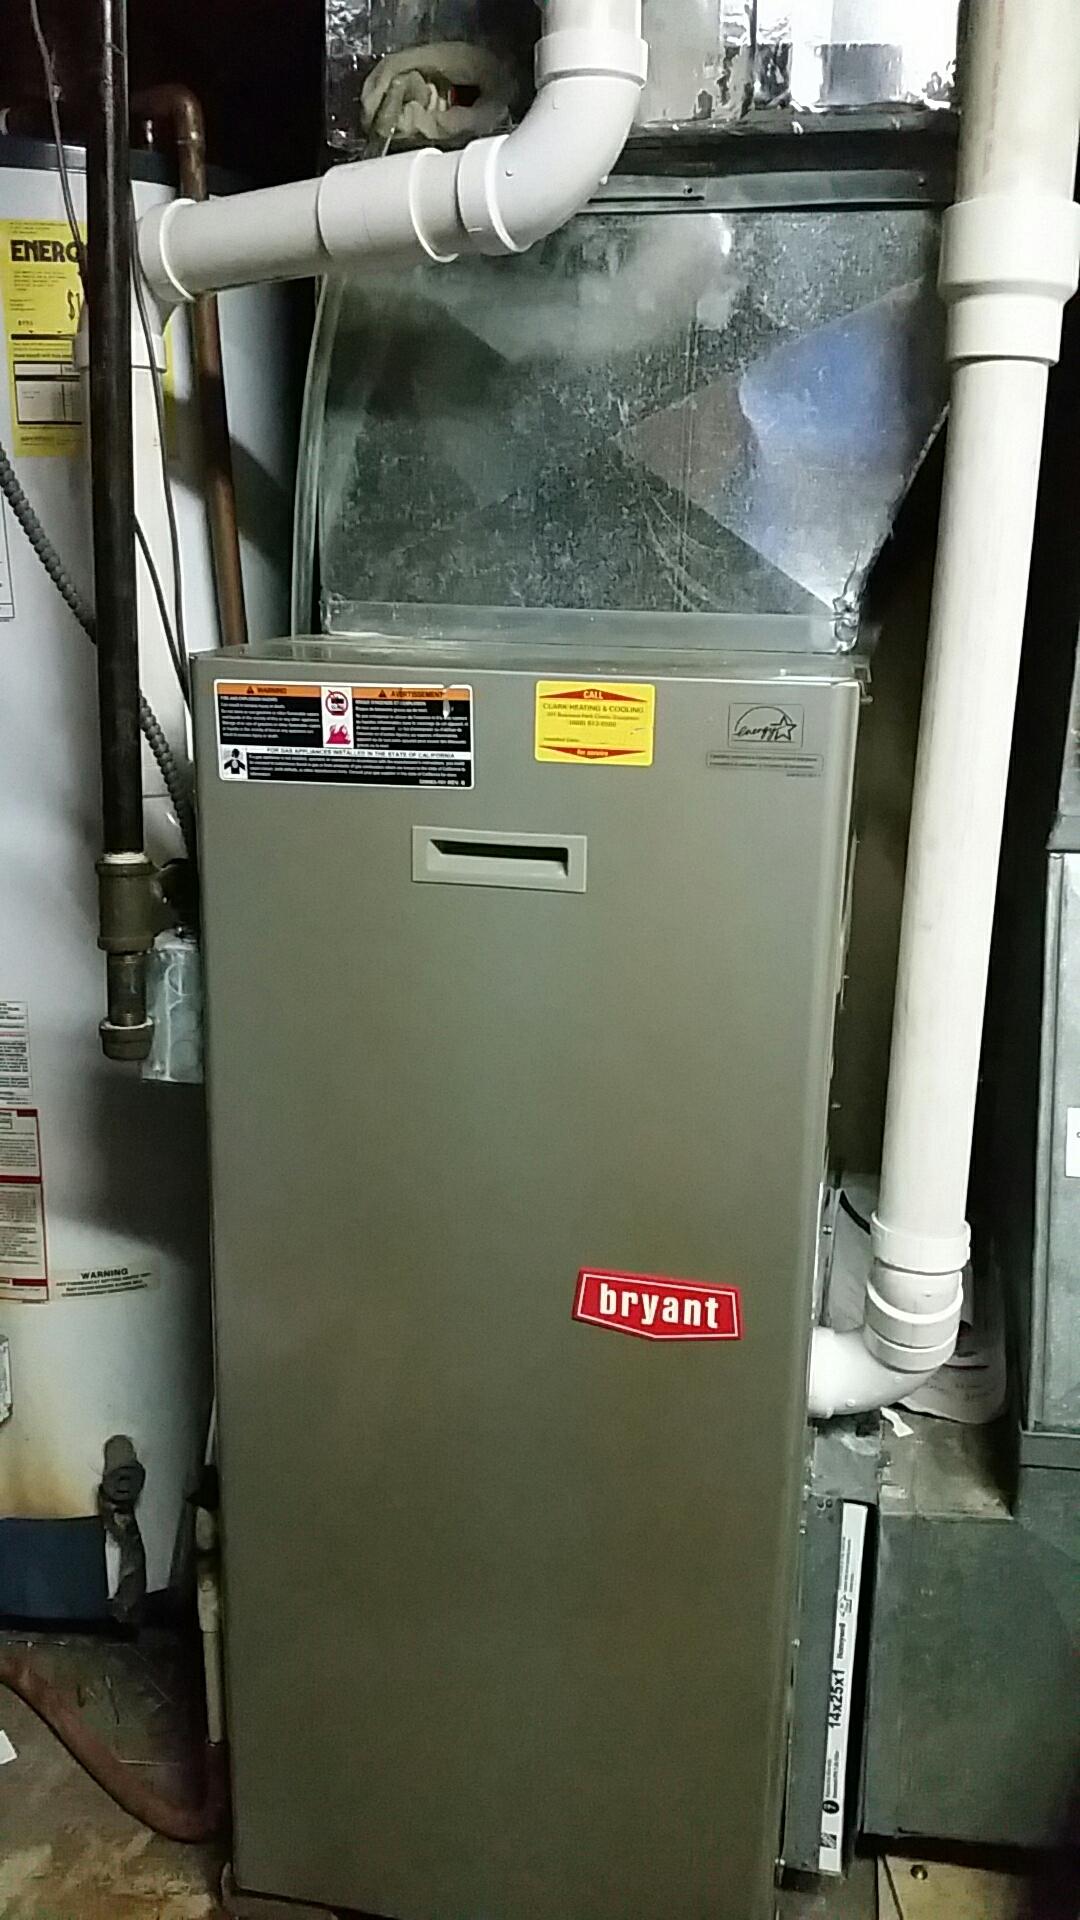 Furnace Repair And Air Conditioner Repair In Stoughton Wi